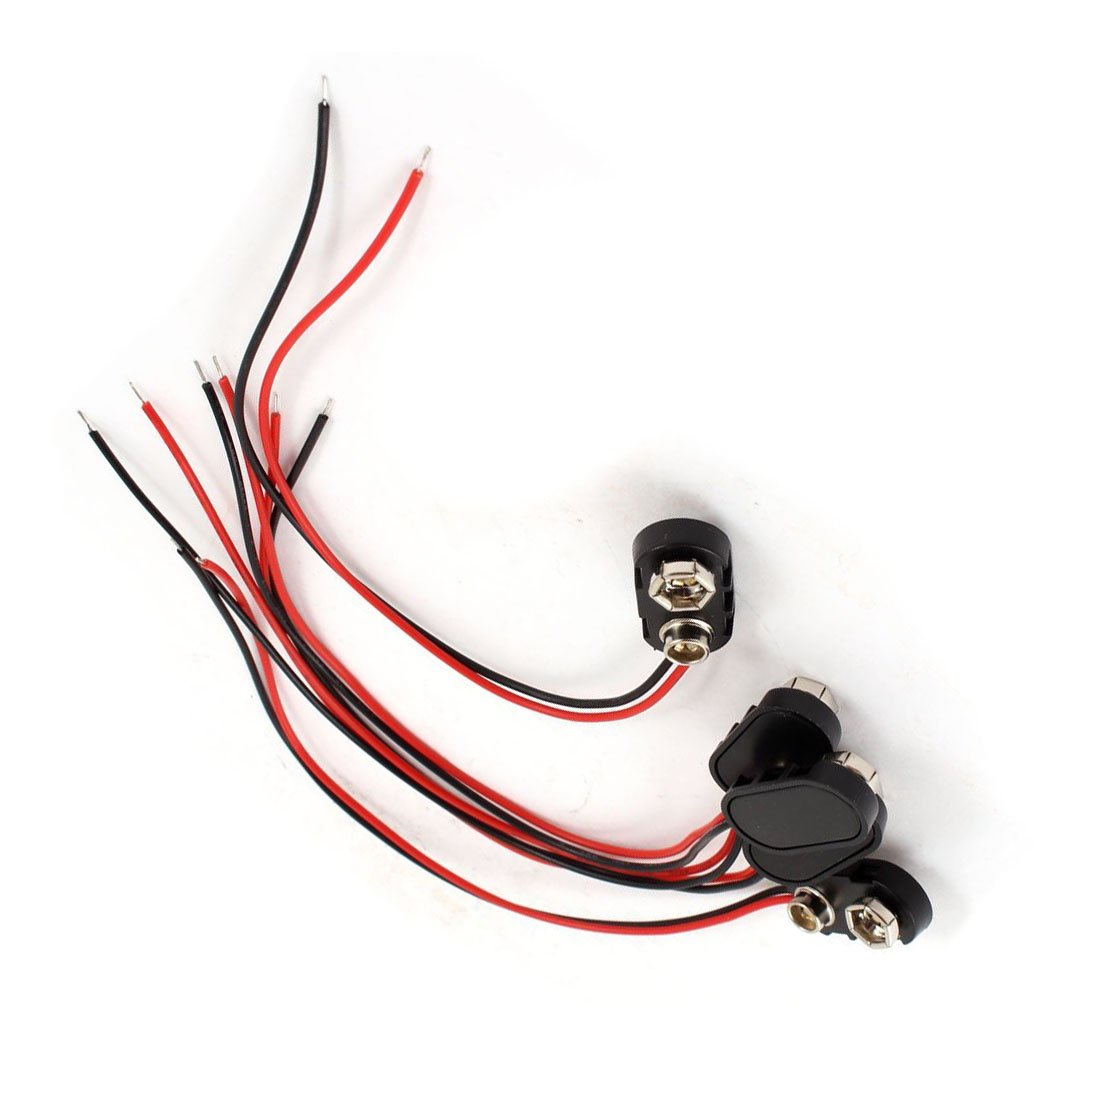 WOVELOT 5 Pieces boitier en Plastique Noir 14,99 cm connecteurs Double Cable 9 V Piles Rechargeables